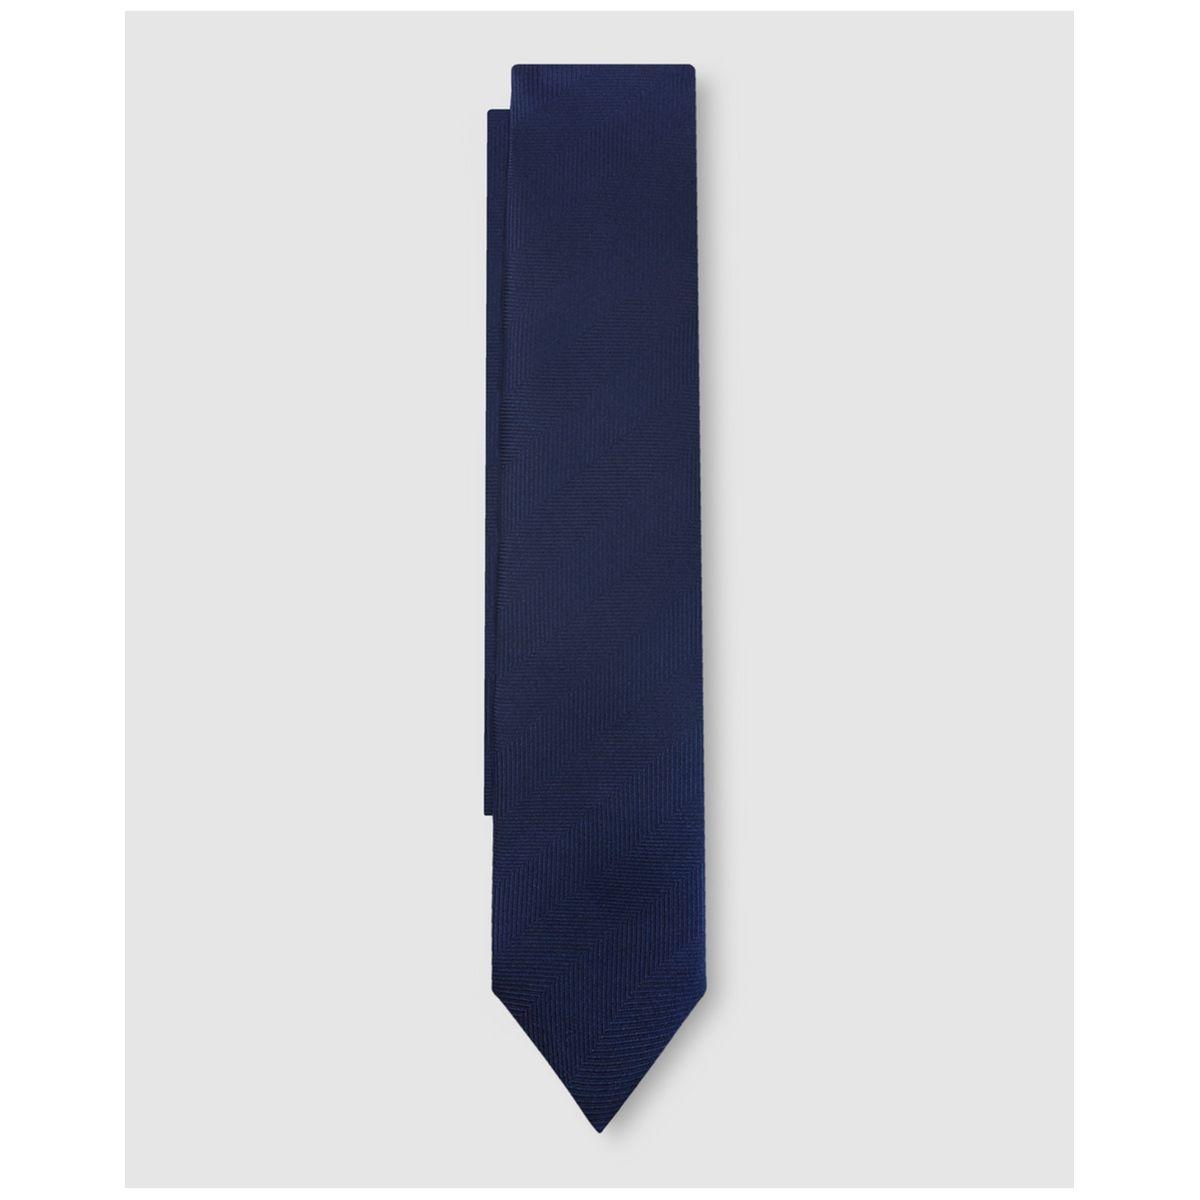 Cravate en soie unie marine